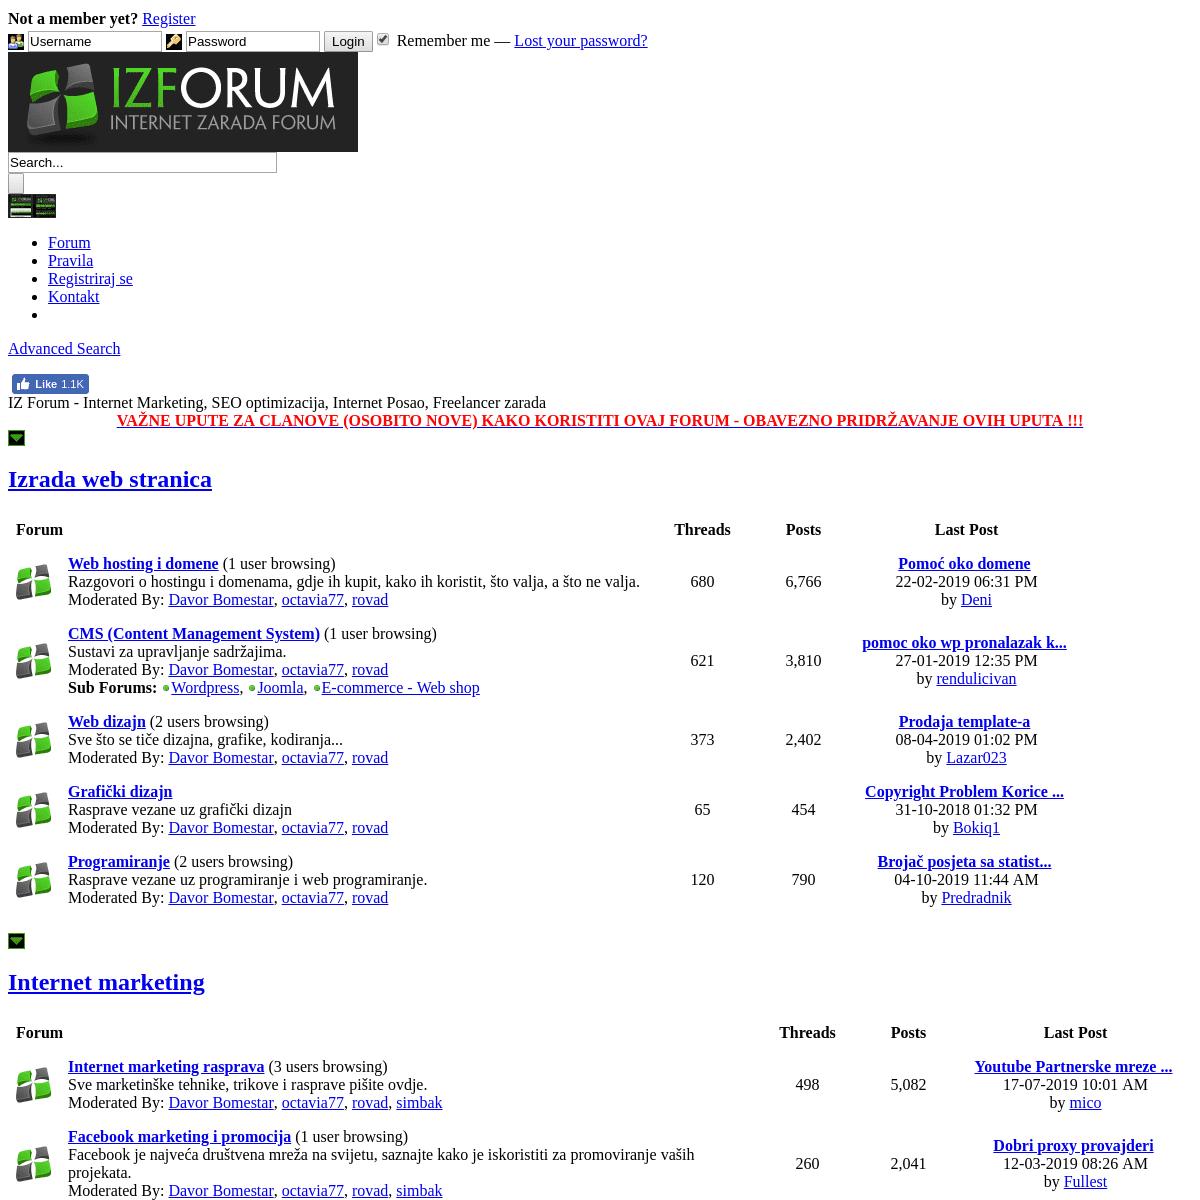 Za upoznavanje interneta preko najbolji iskustva sajtovi TOP 5